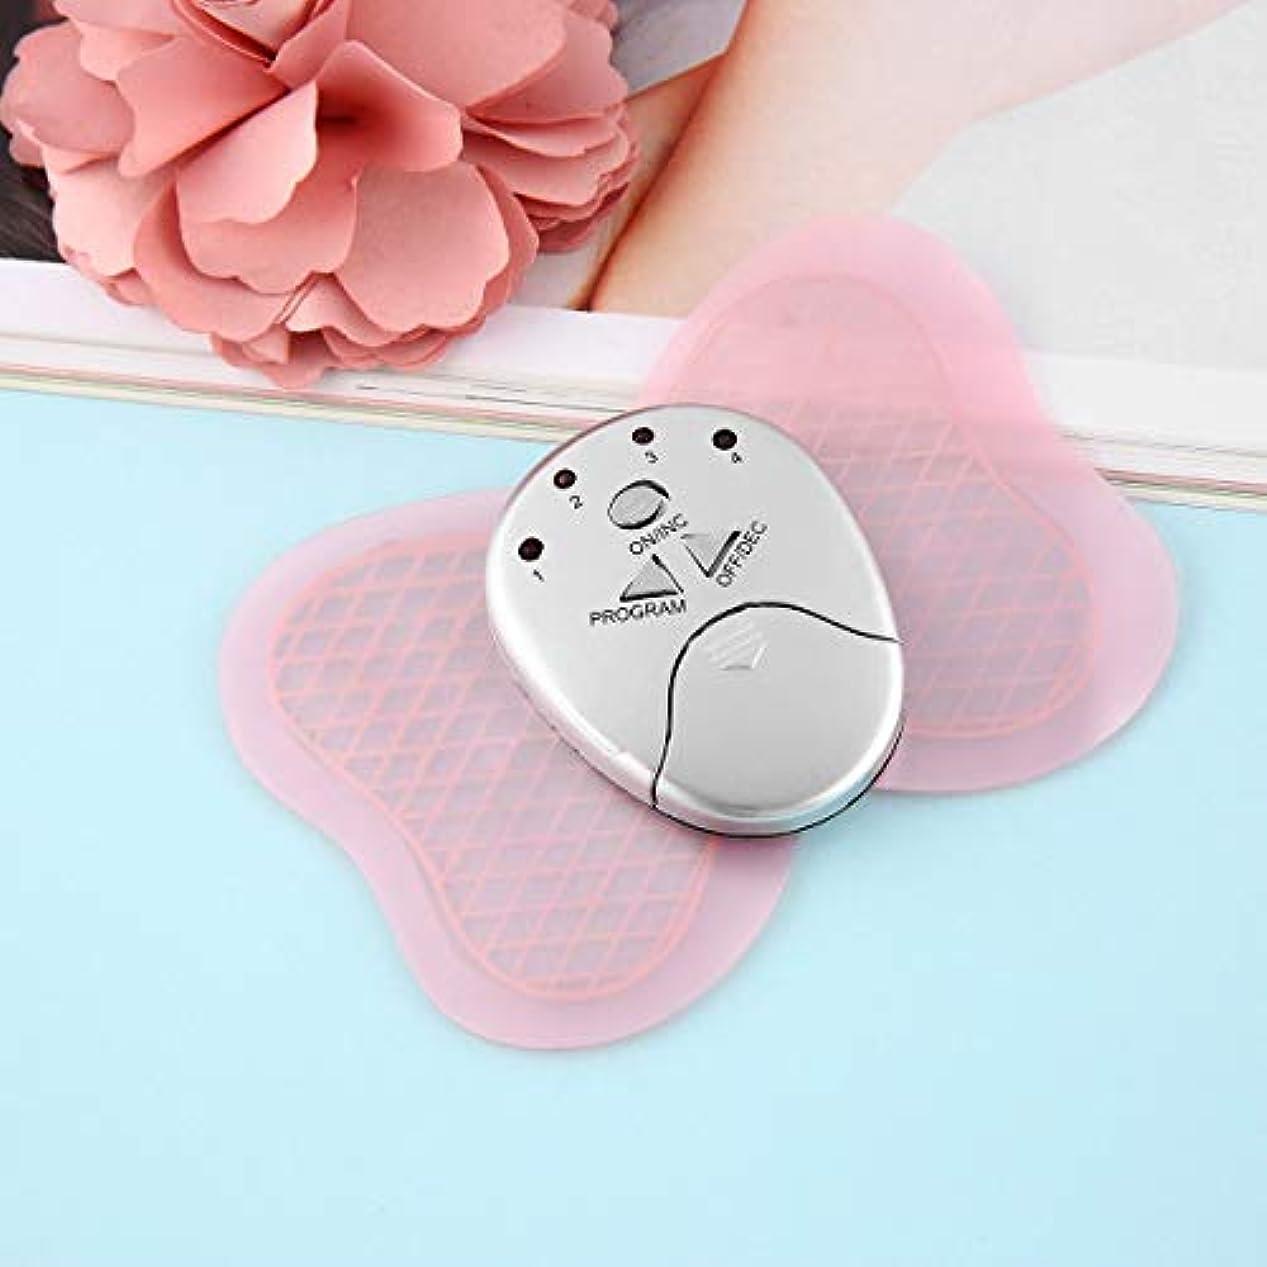 オプションナインへハシーMini Electronic Body Muscle Butterfly Massager Slimming Vibration Fitness Professional Health Care Two Colors...